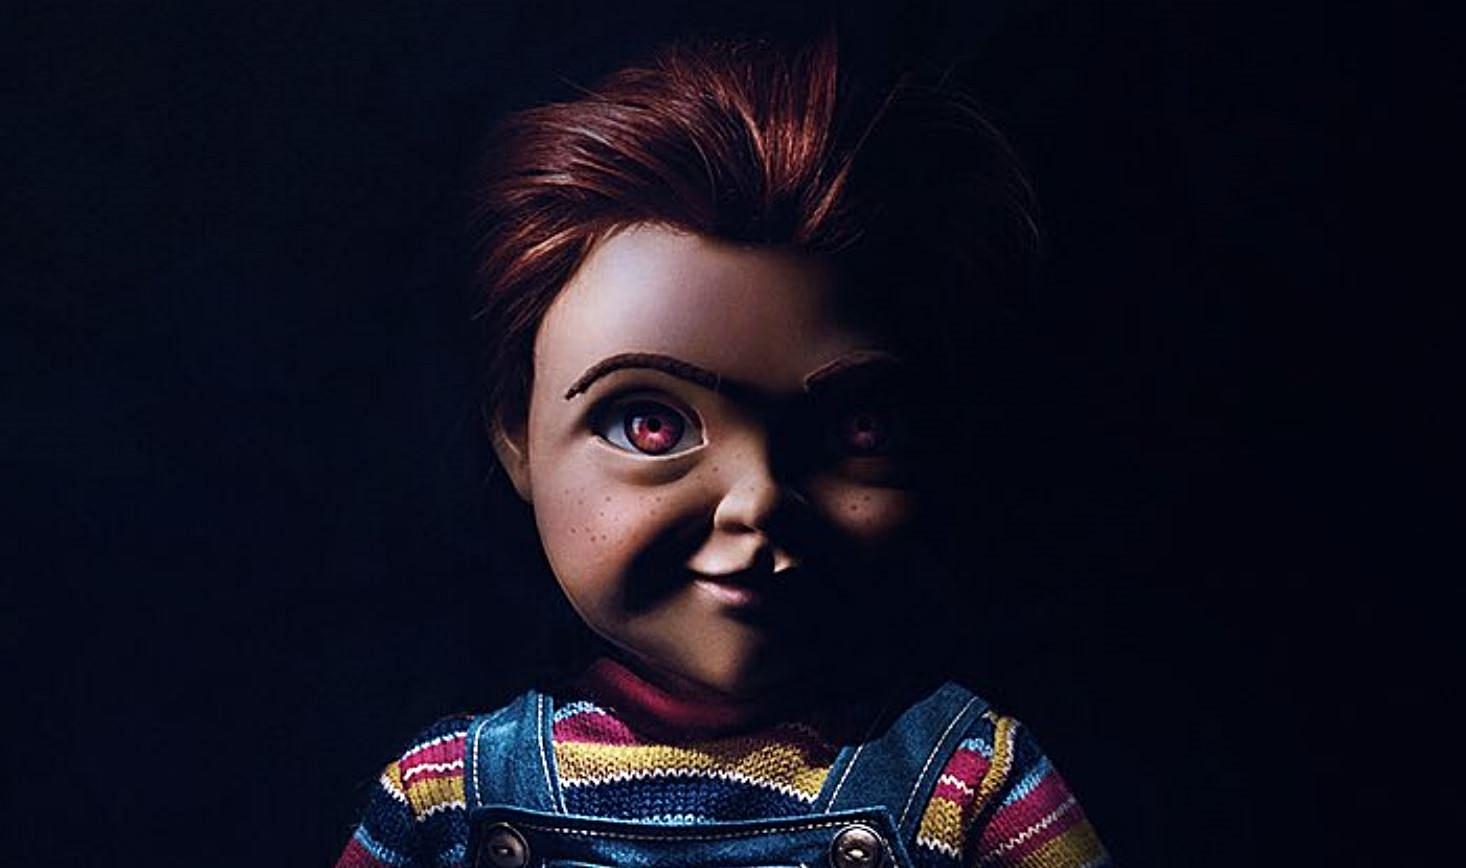 El nuevo 'trolleo' de Chucky a Toy Story 4 y Disney